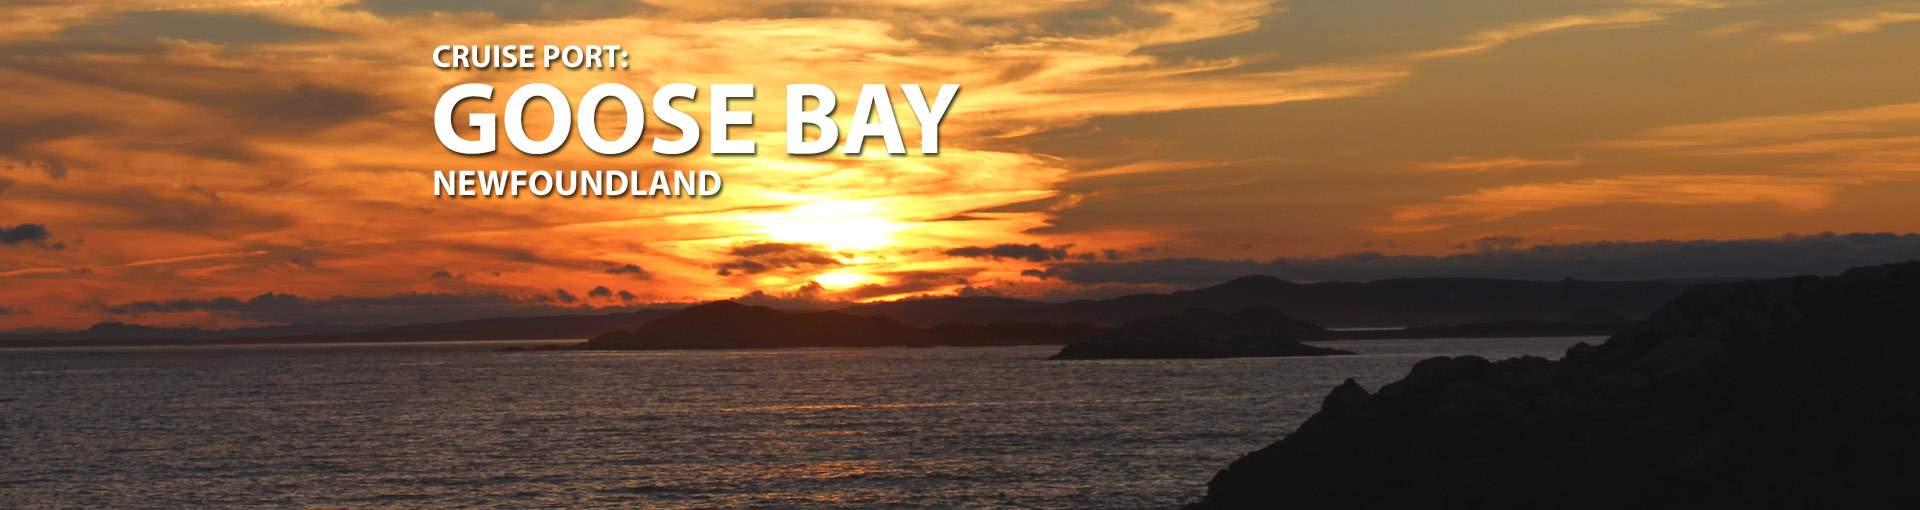 Goose Bay, Newfoundland Cruise Port